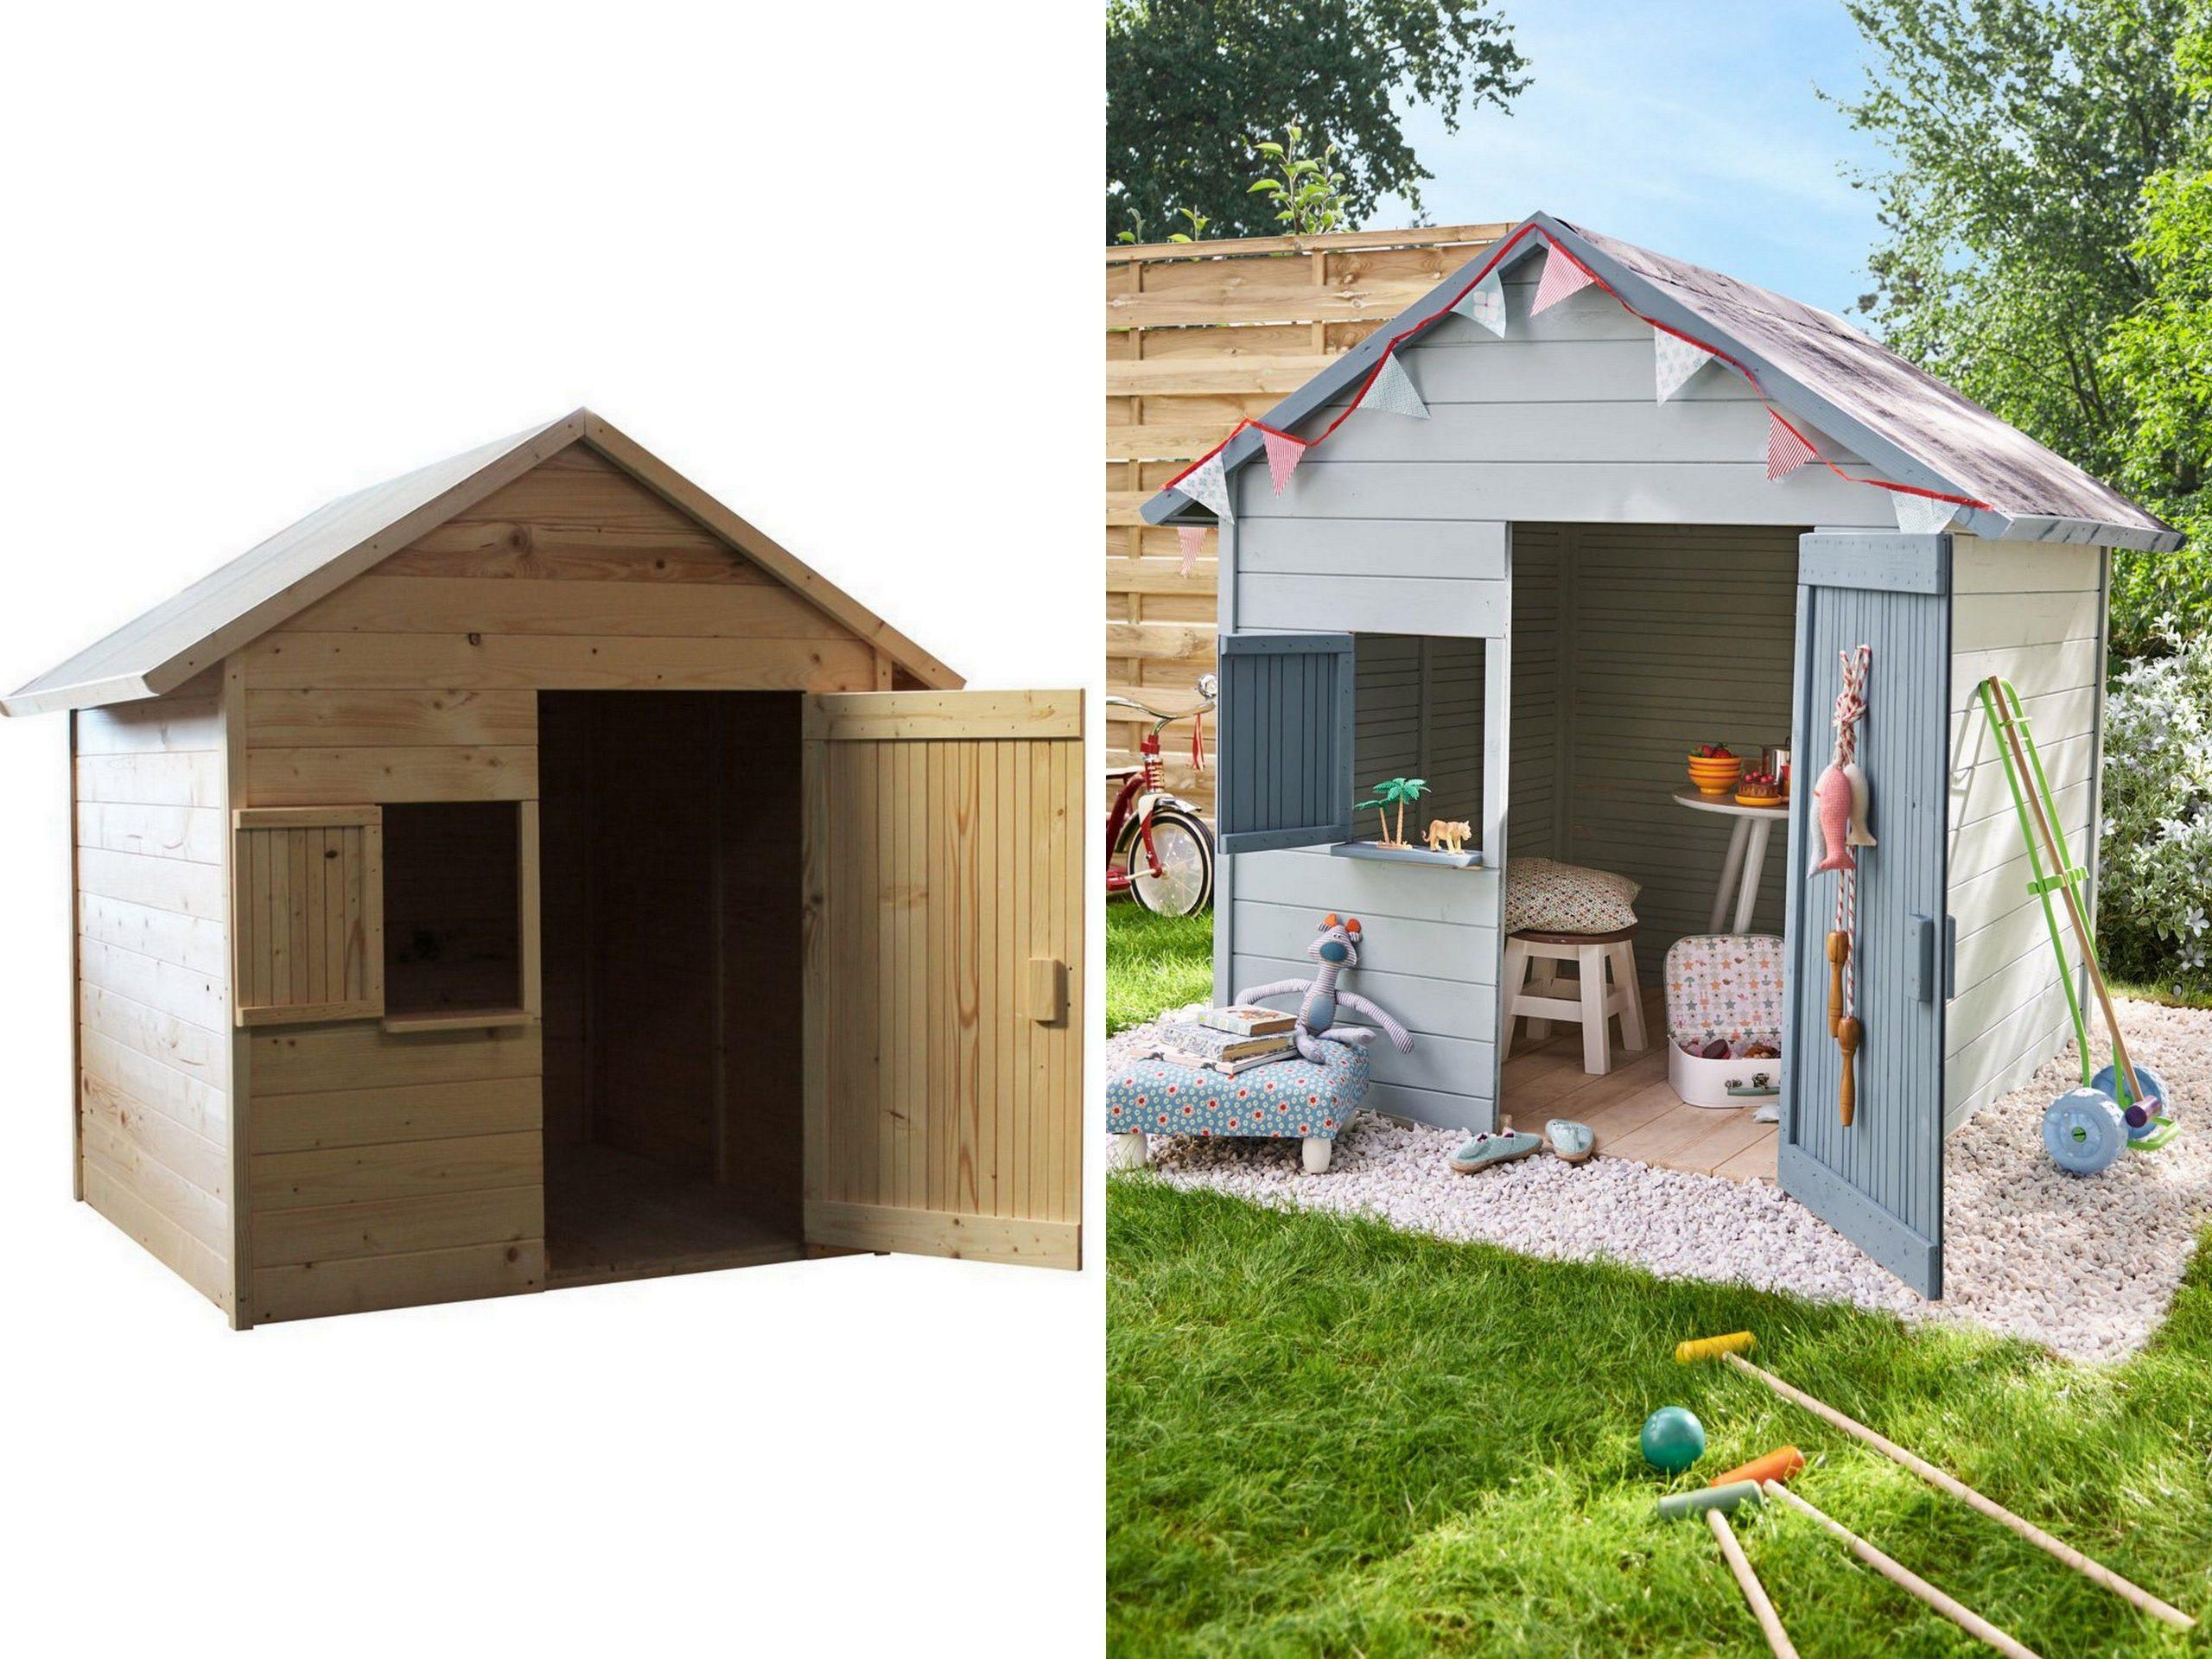 Une Cabane En Bois Pour Enfant À Prix Doux | Abri De Jardin ... intérieur Maisonnette De Jardin Pas Cher